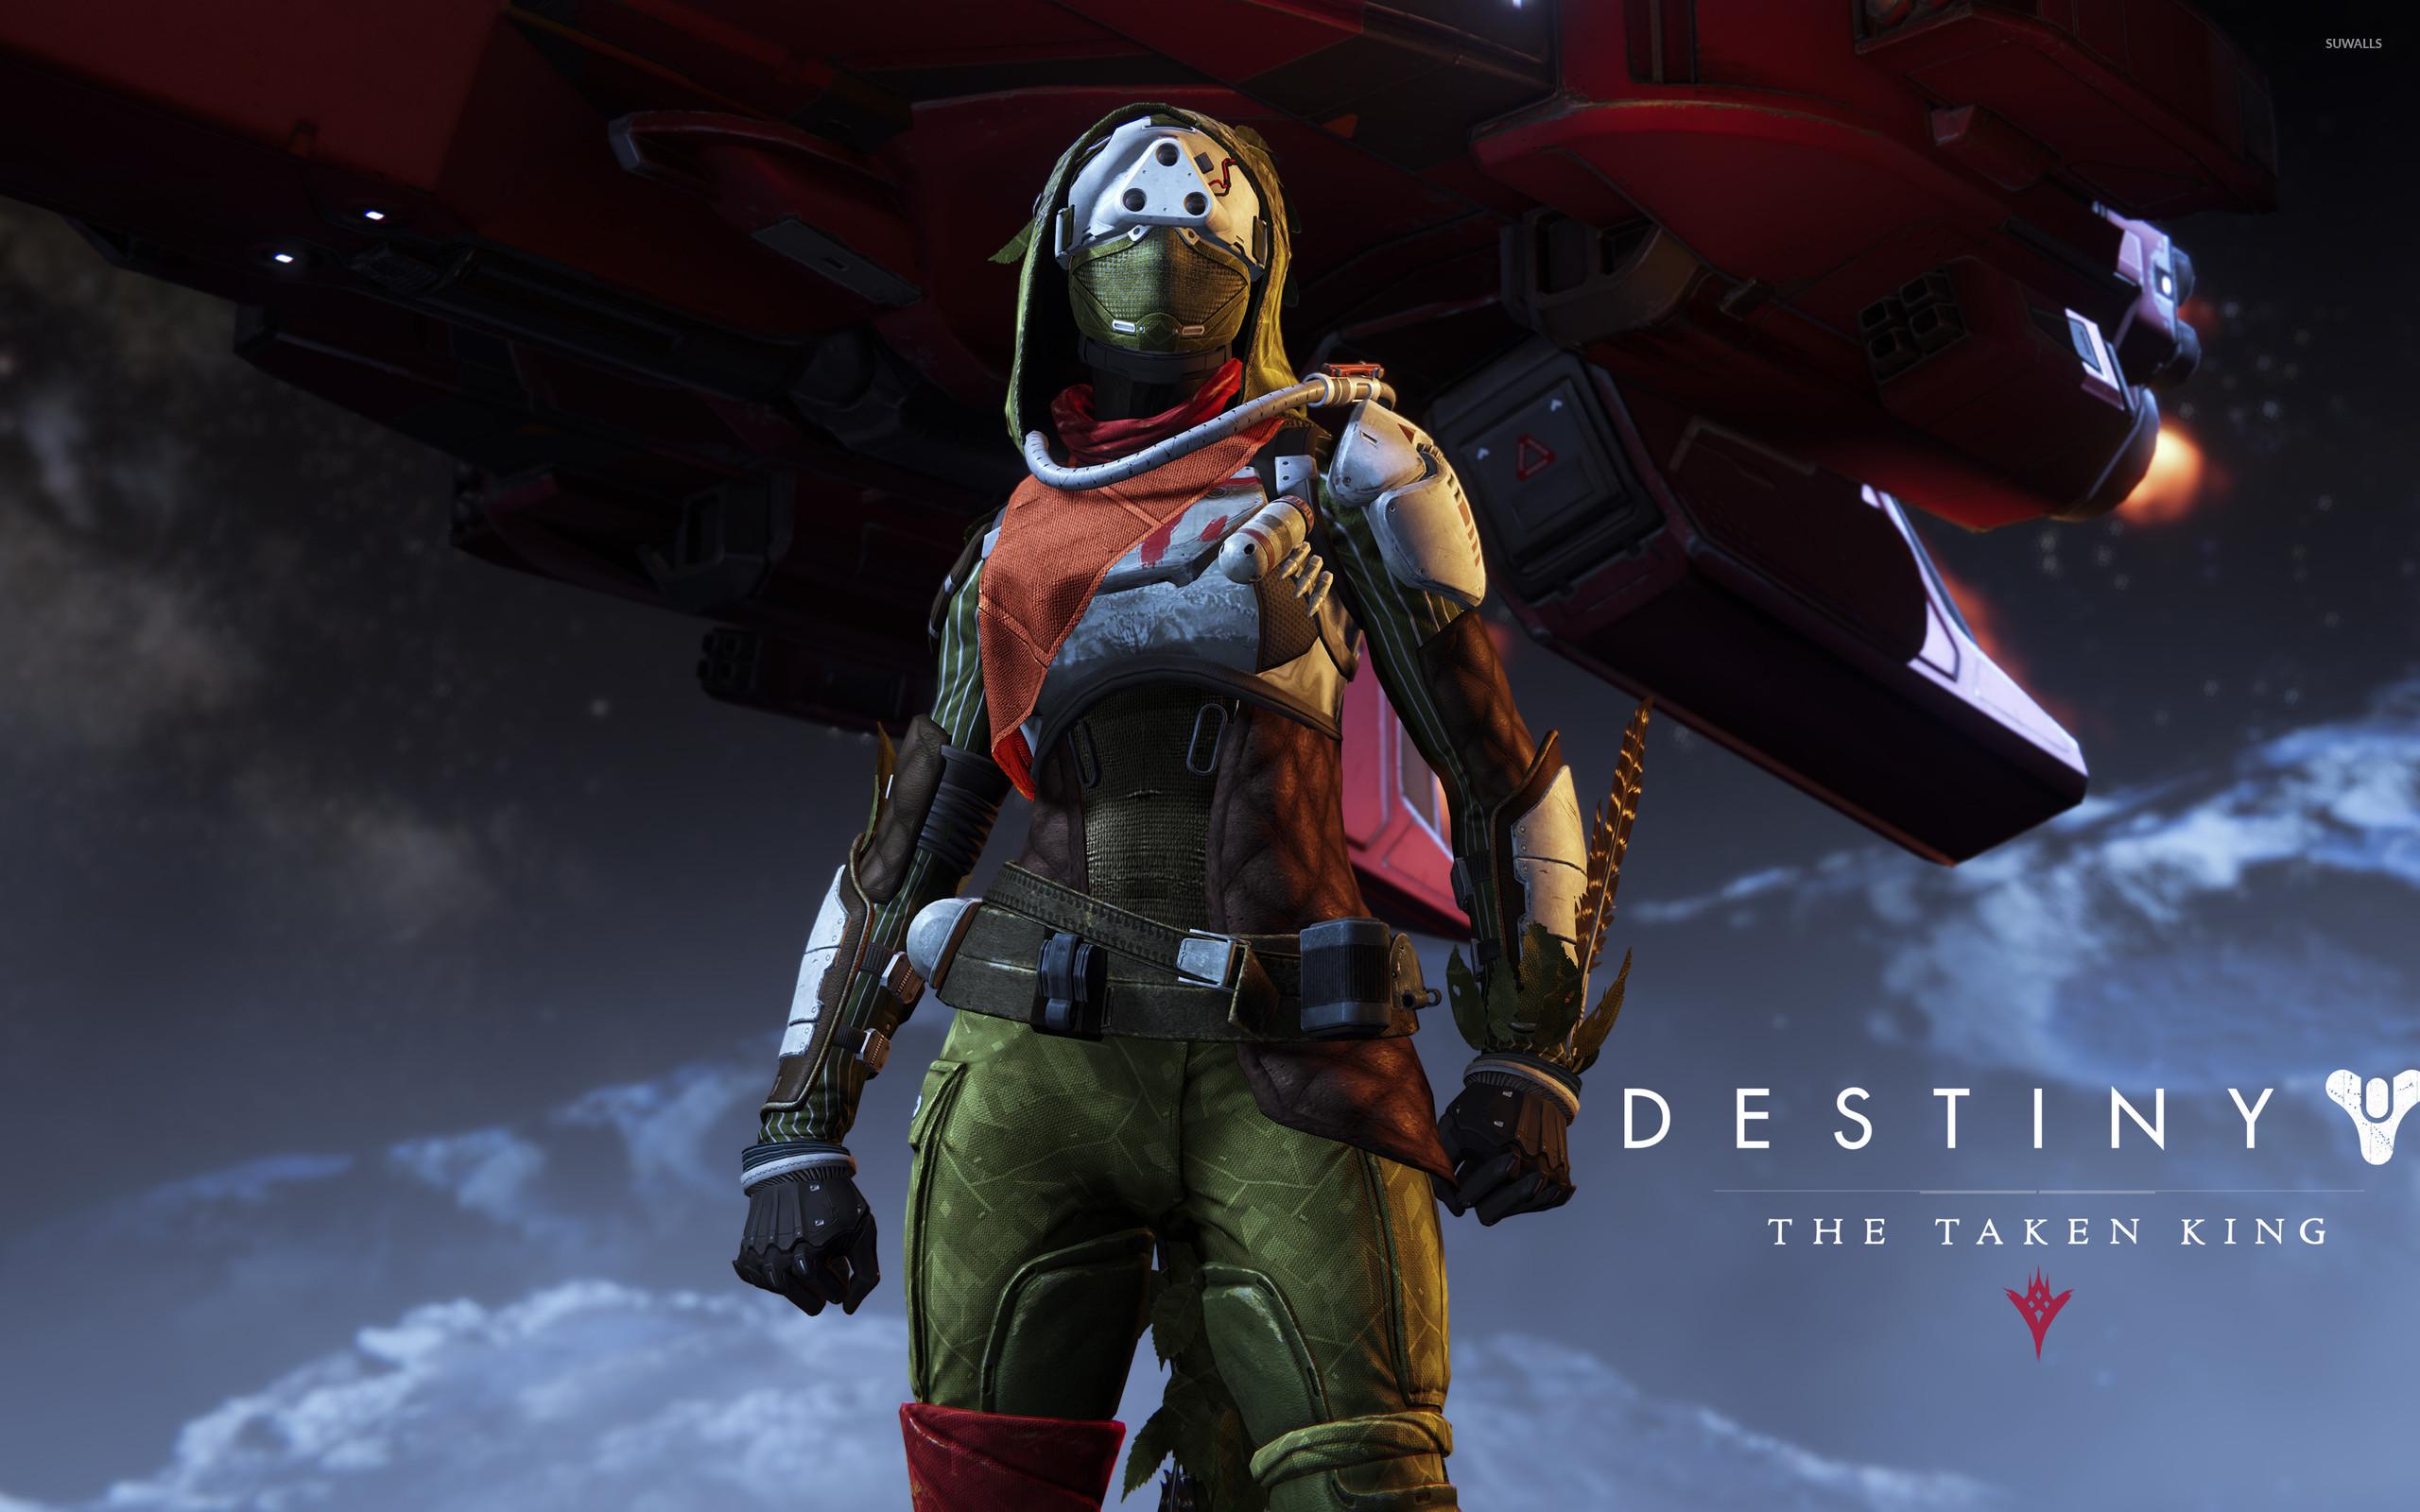 Destiny The Taken King Wallpaper: Hunter Wallpaper Destiny (68+ Images